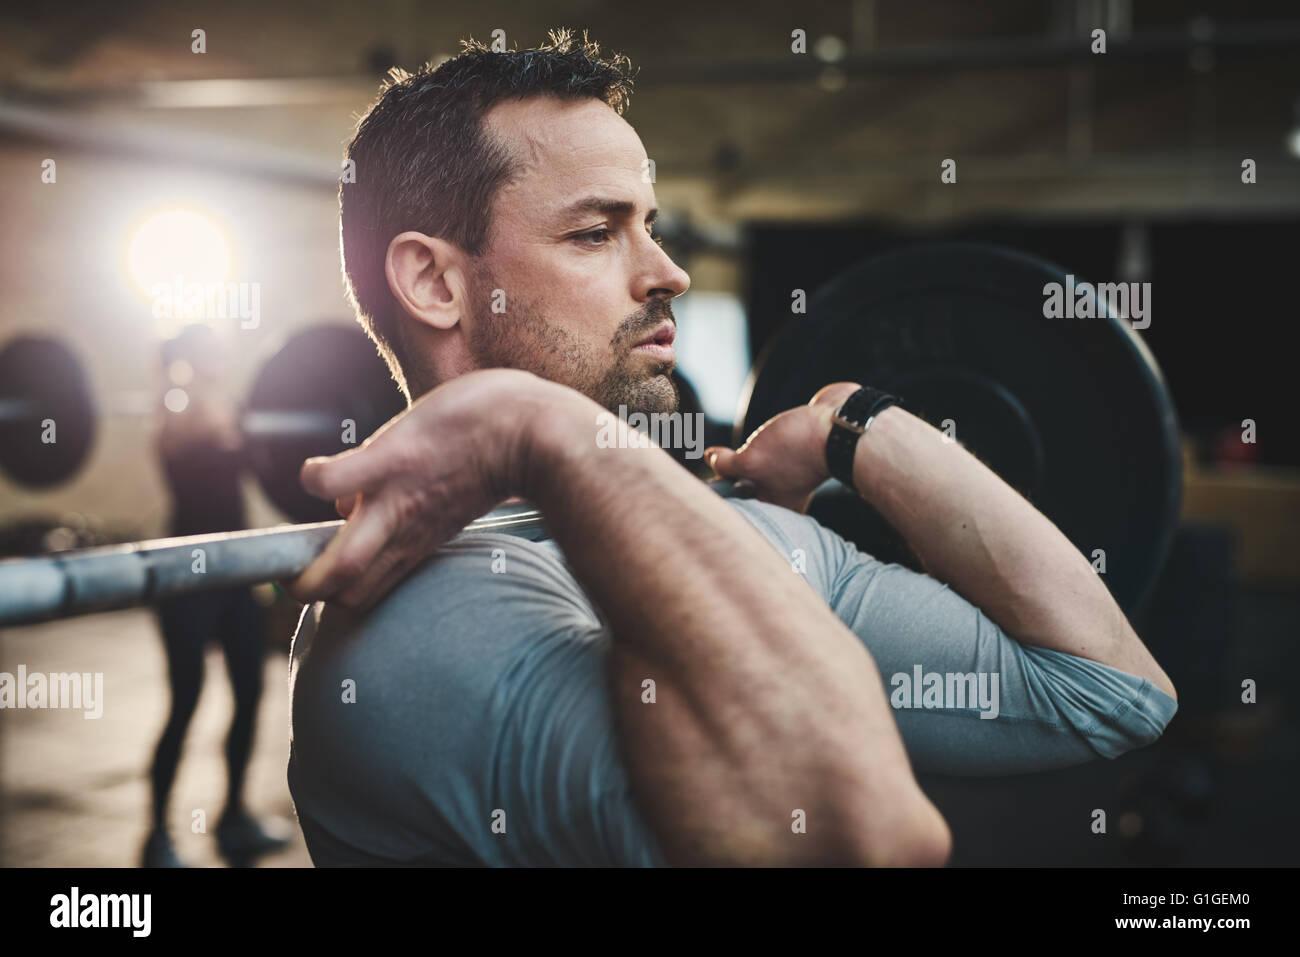 Colocar barras de elevación joven busca centrados, trabajando en un gimnasio con otras personas Foto de stock